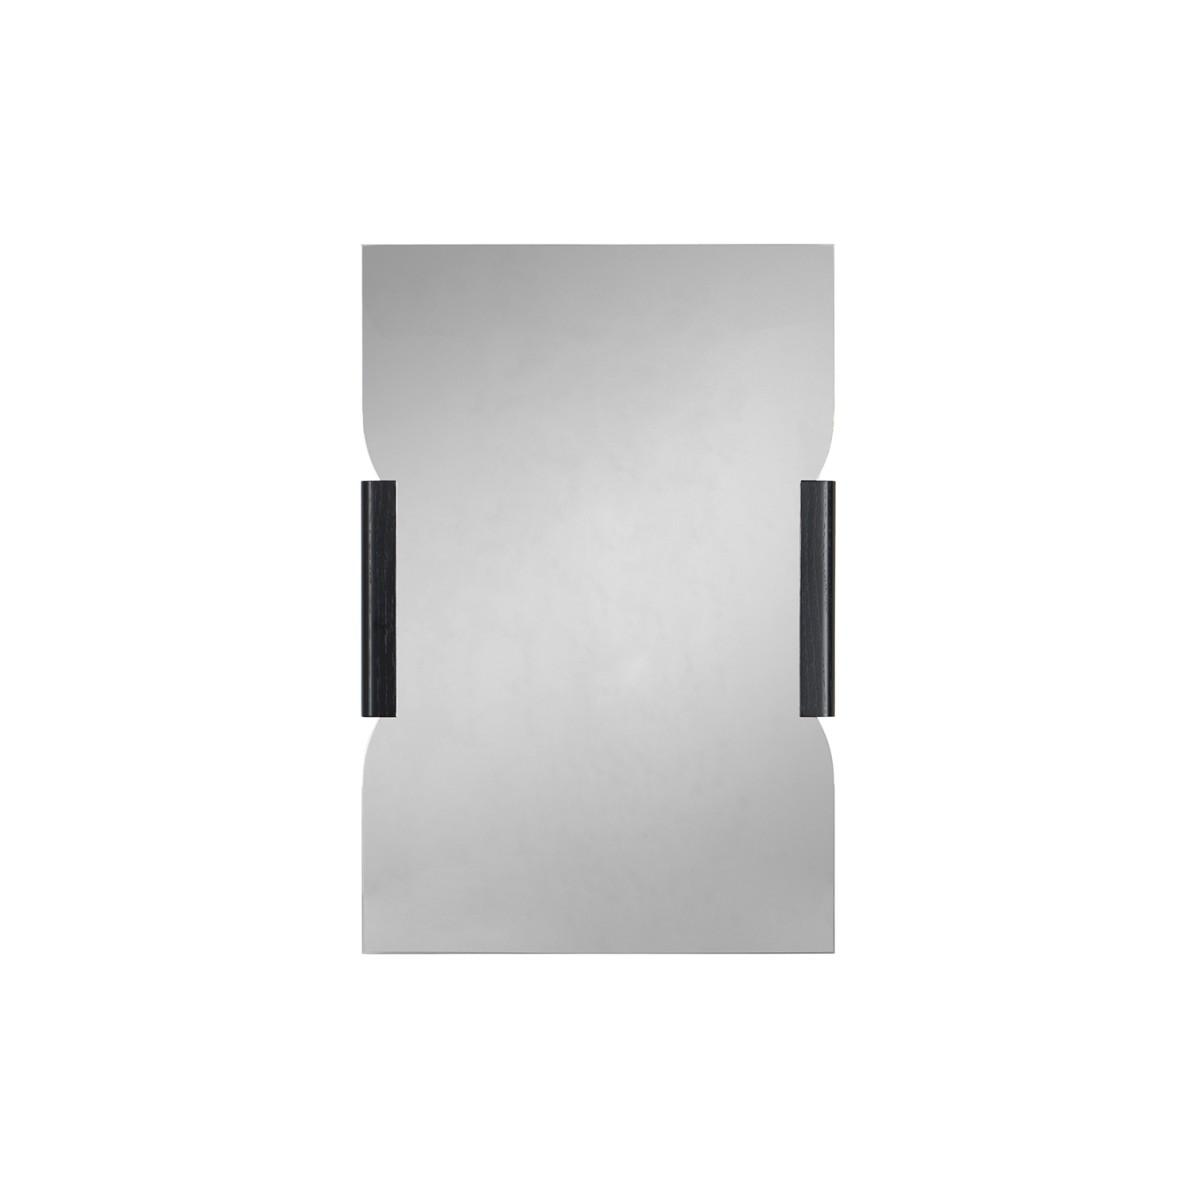 BRACE Wandspiegel Höhe 60 cm lackiert nach Wunsch